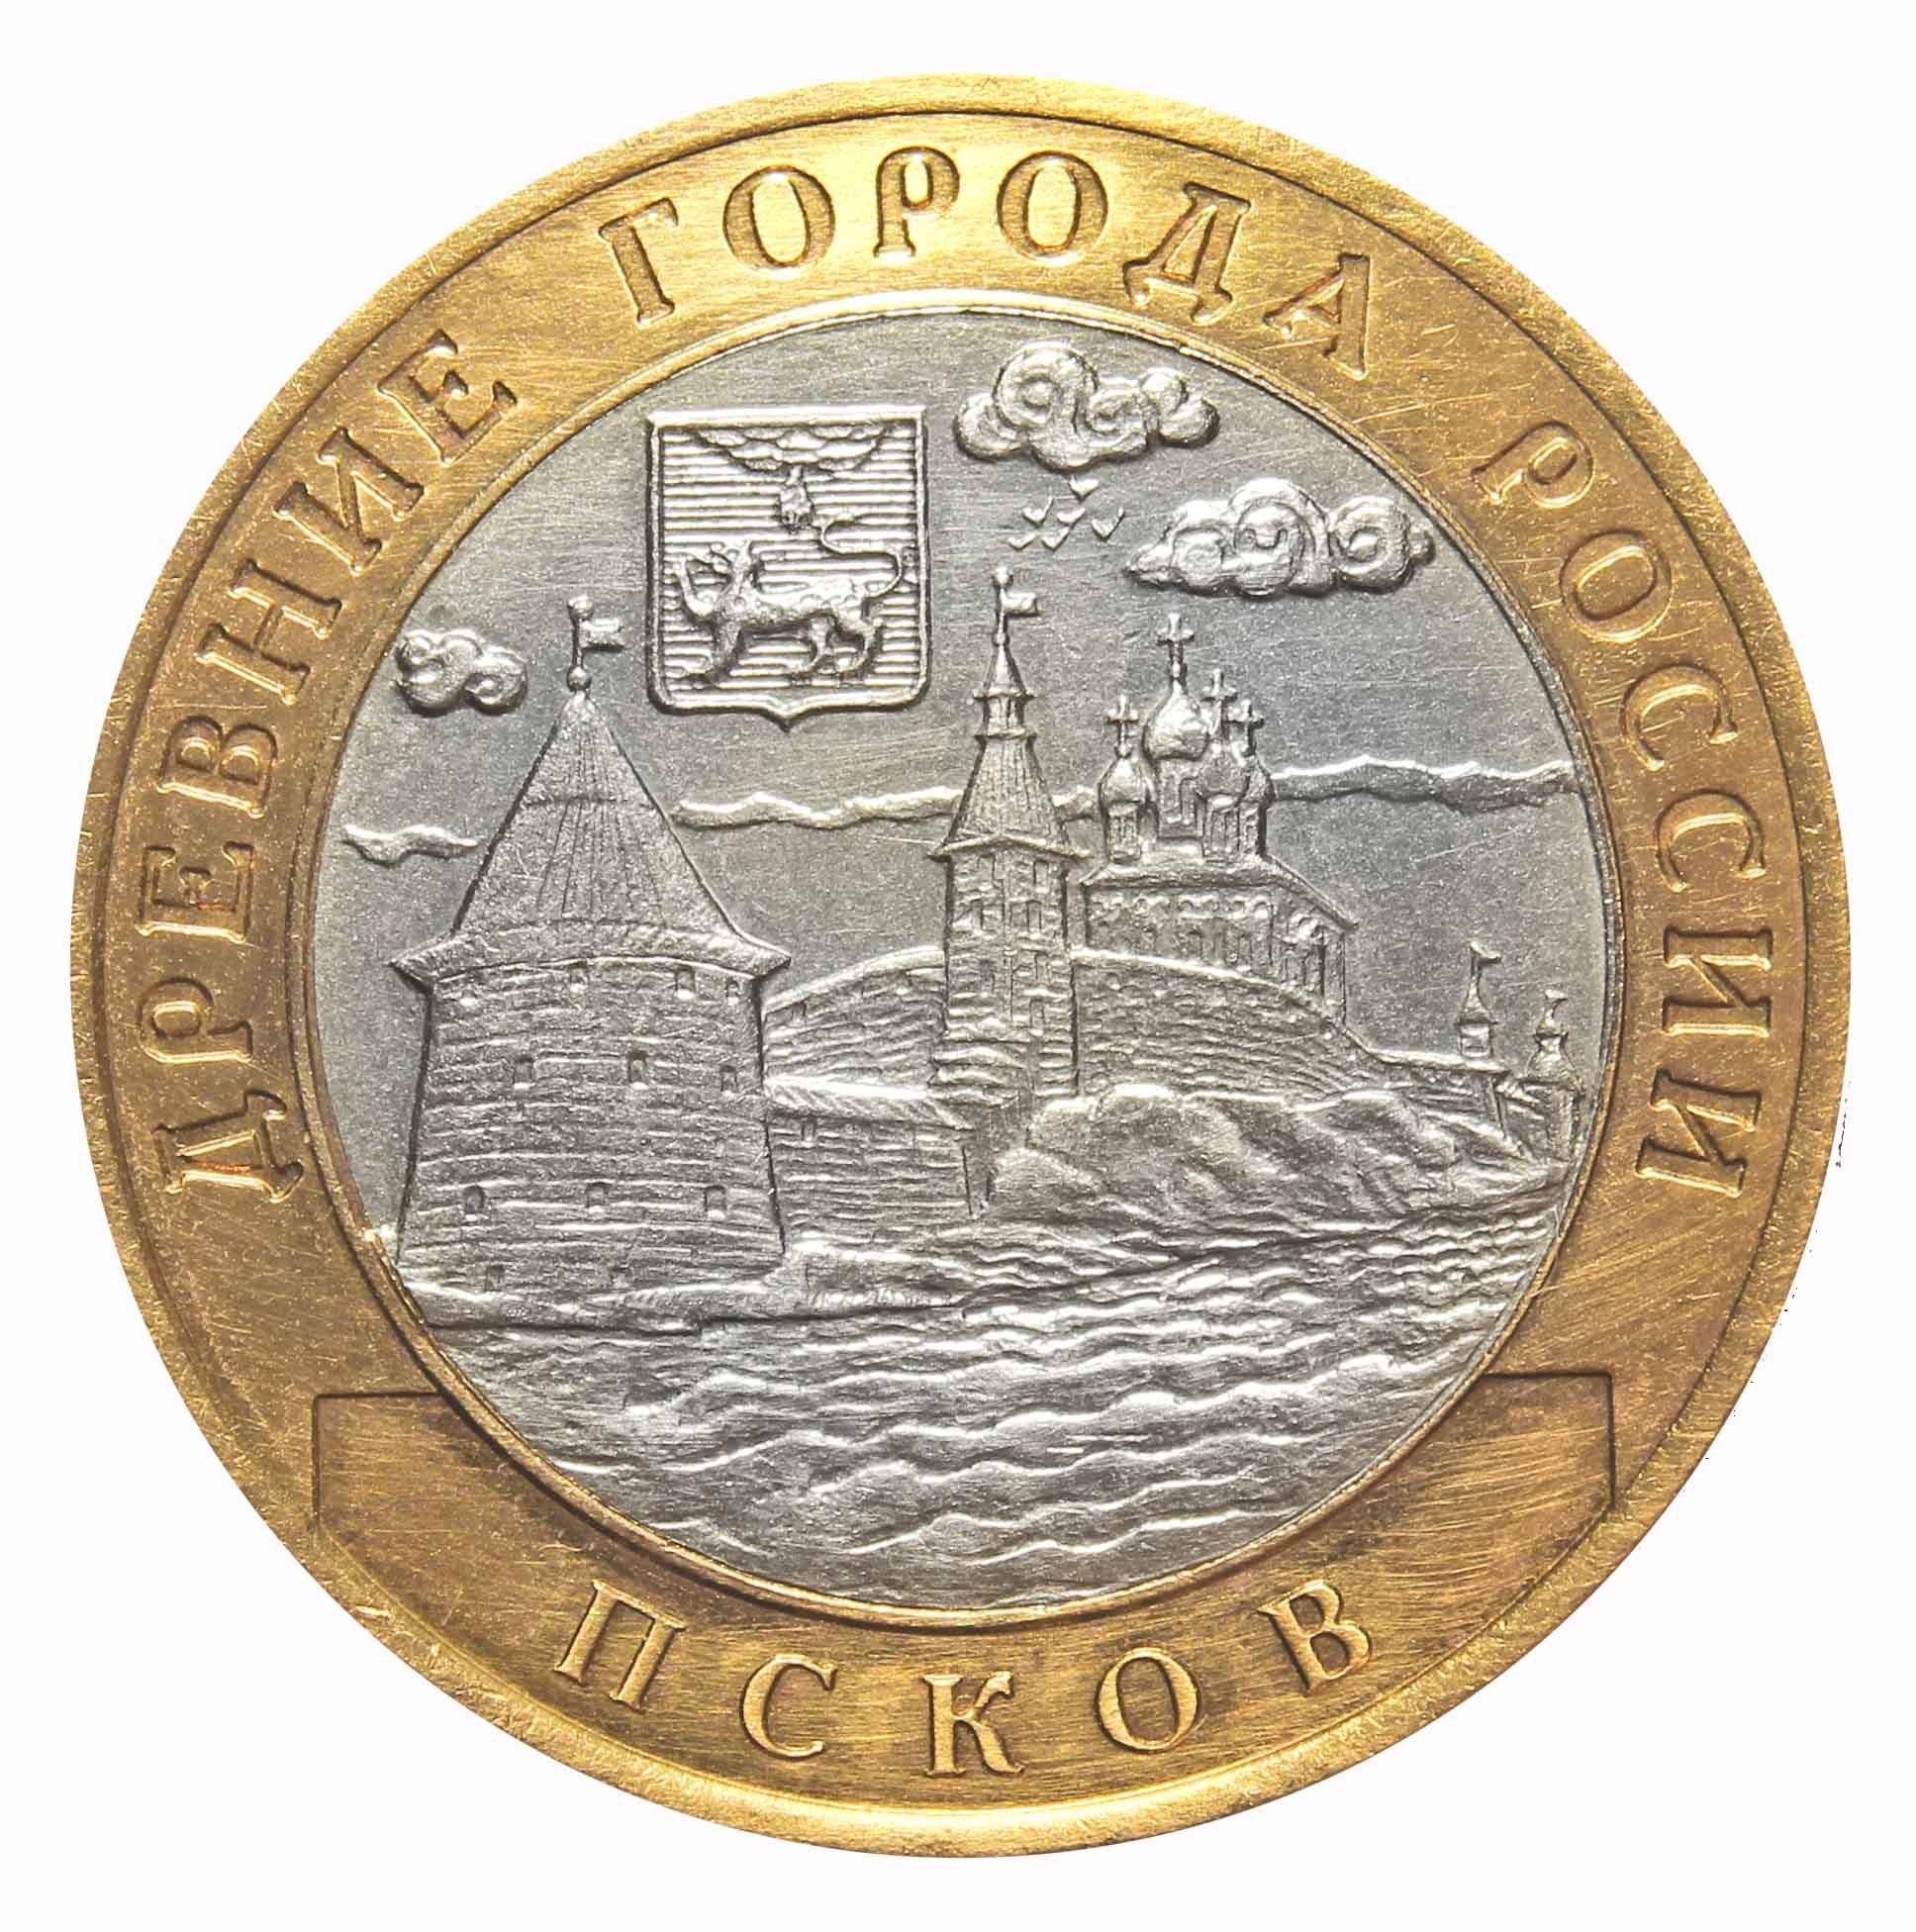 10 рублей Псков 2003 г (биметалл)